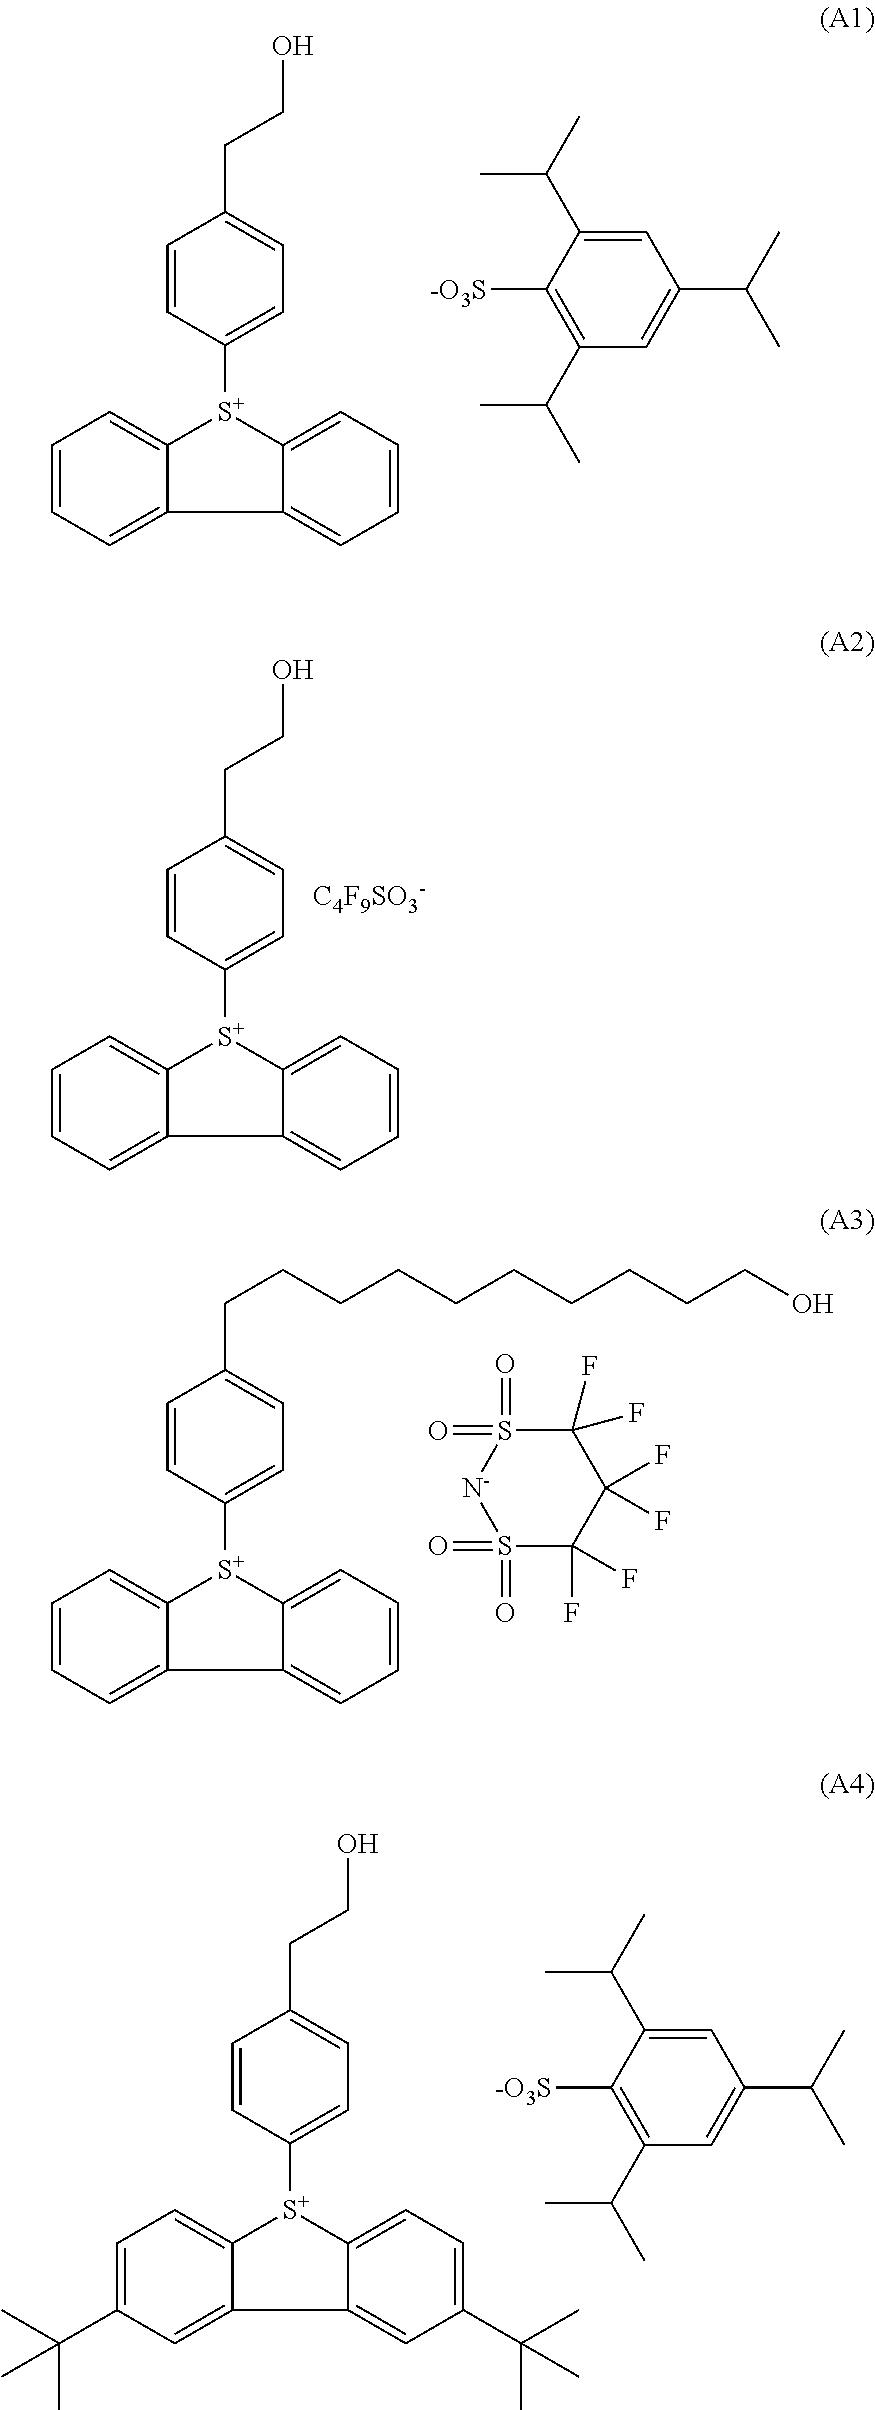 Figure US20110183258A1-20110728-C00021